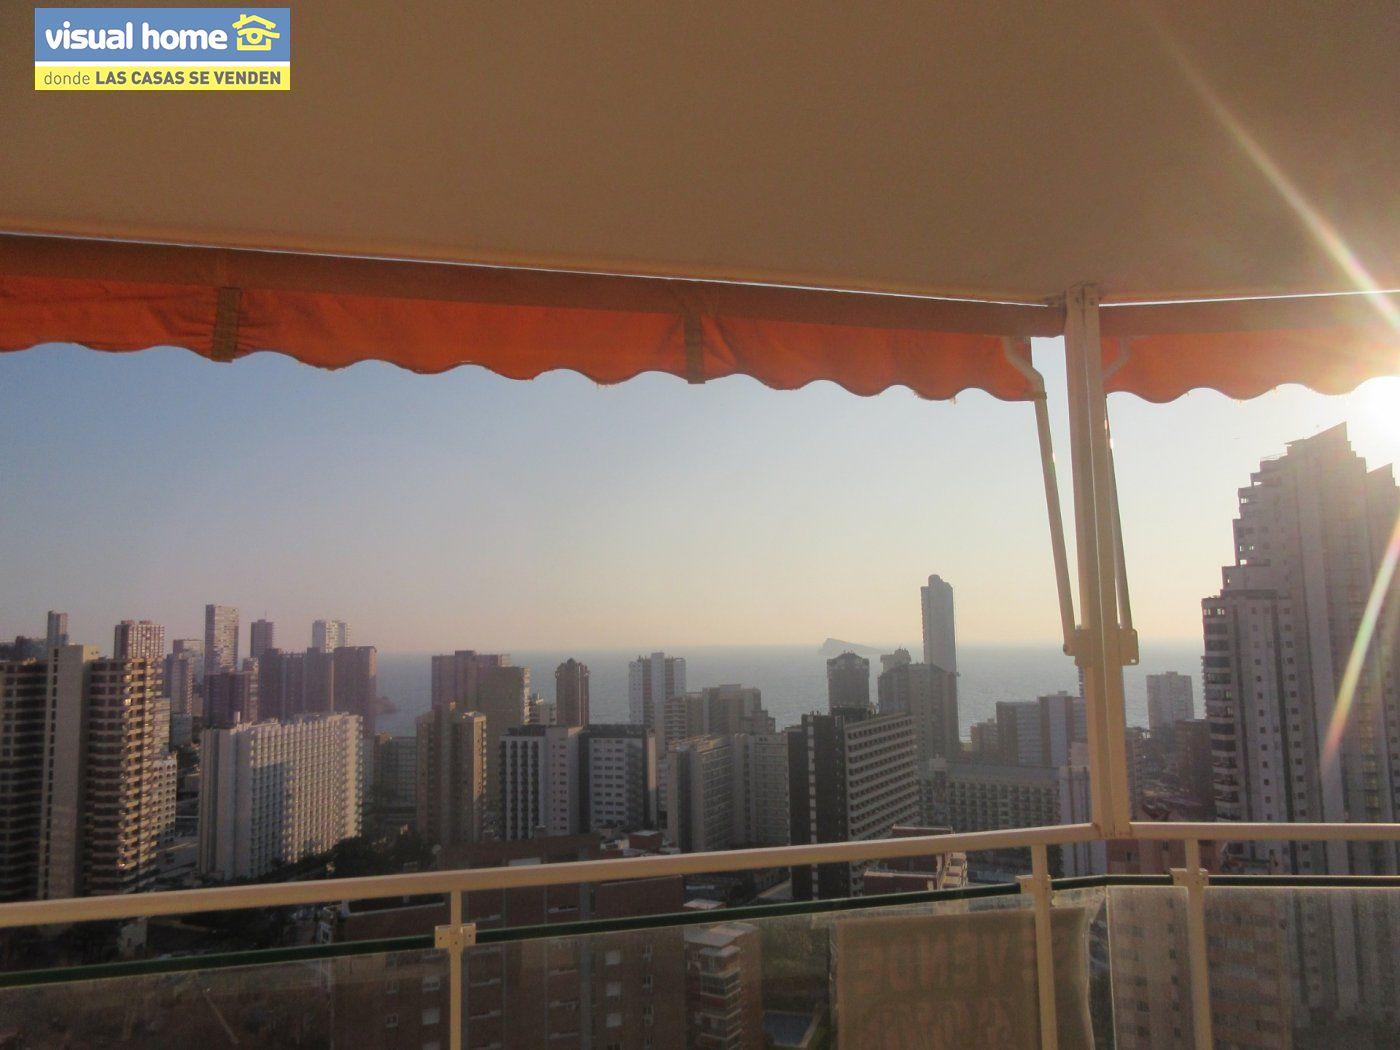 Apartamento 1 dormitorio con vistas espectaculares con parking y piscina en Rincón de Loix llano 9